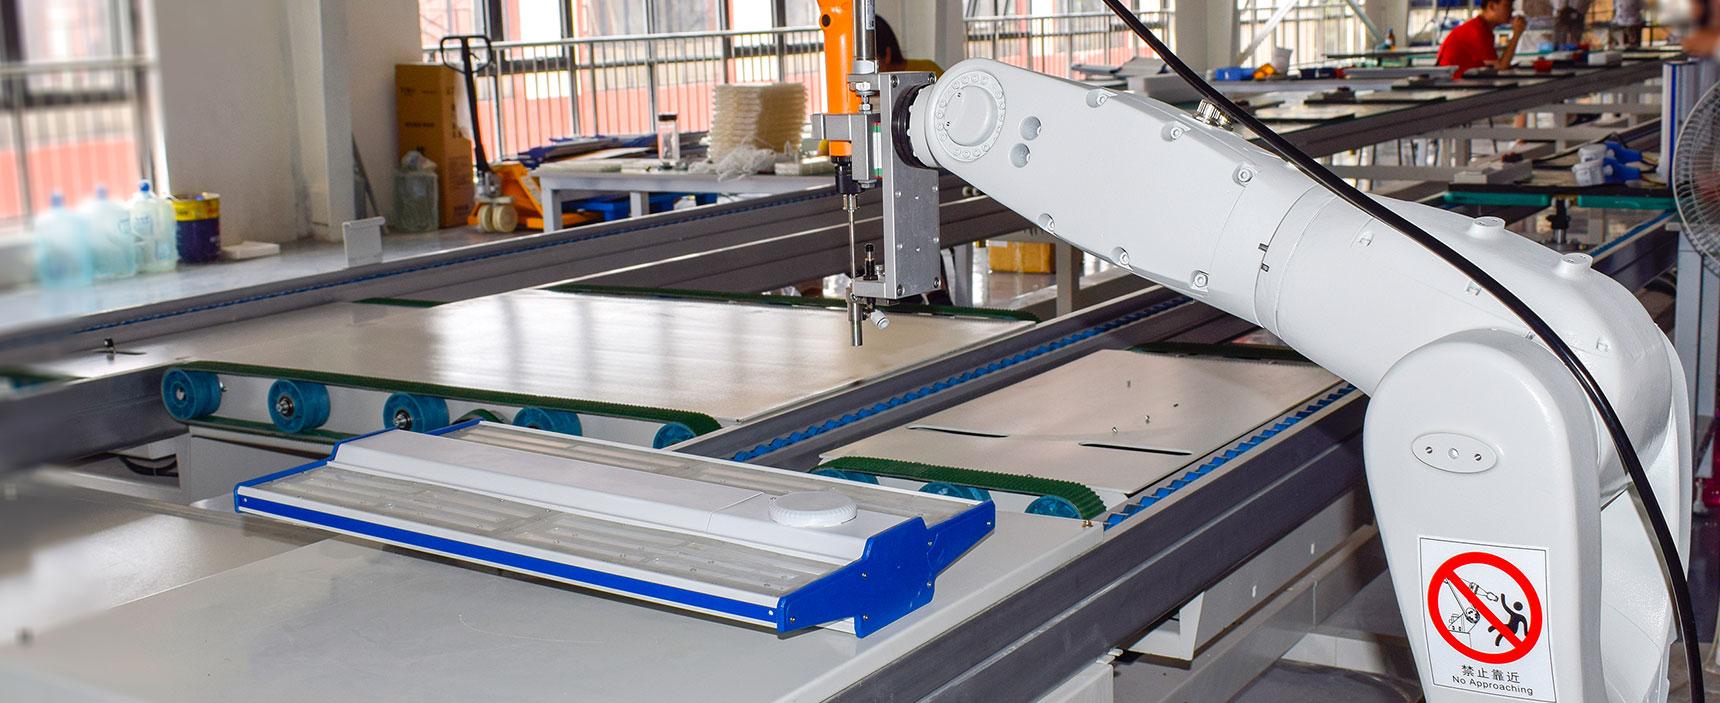 Automated-machinery